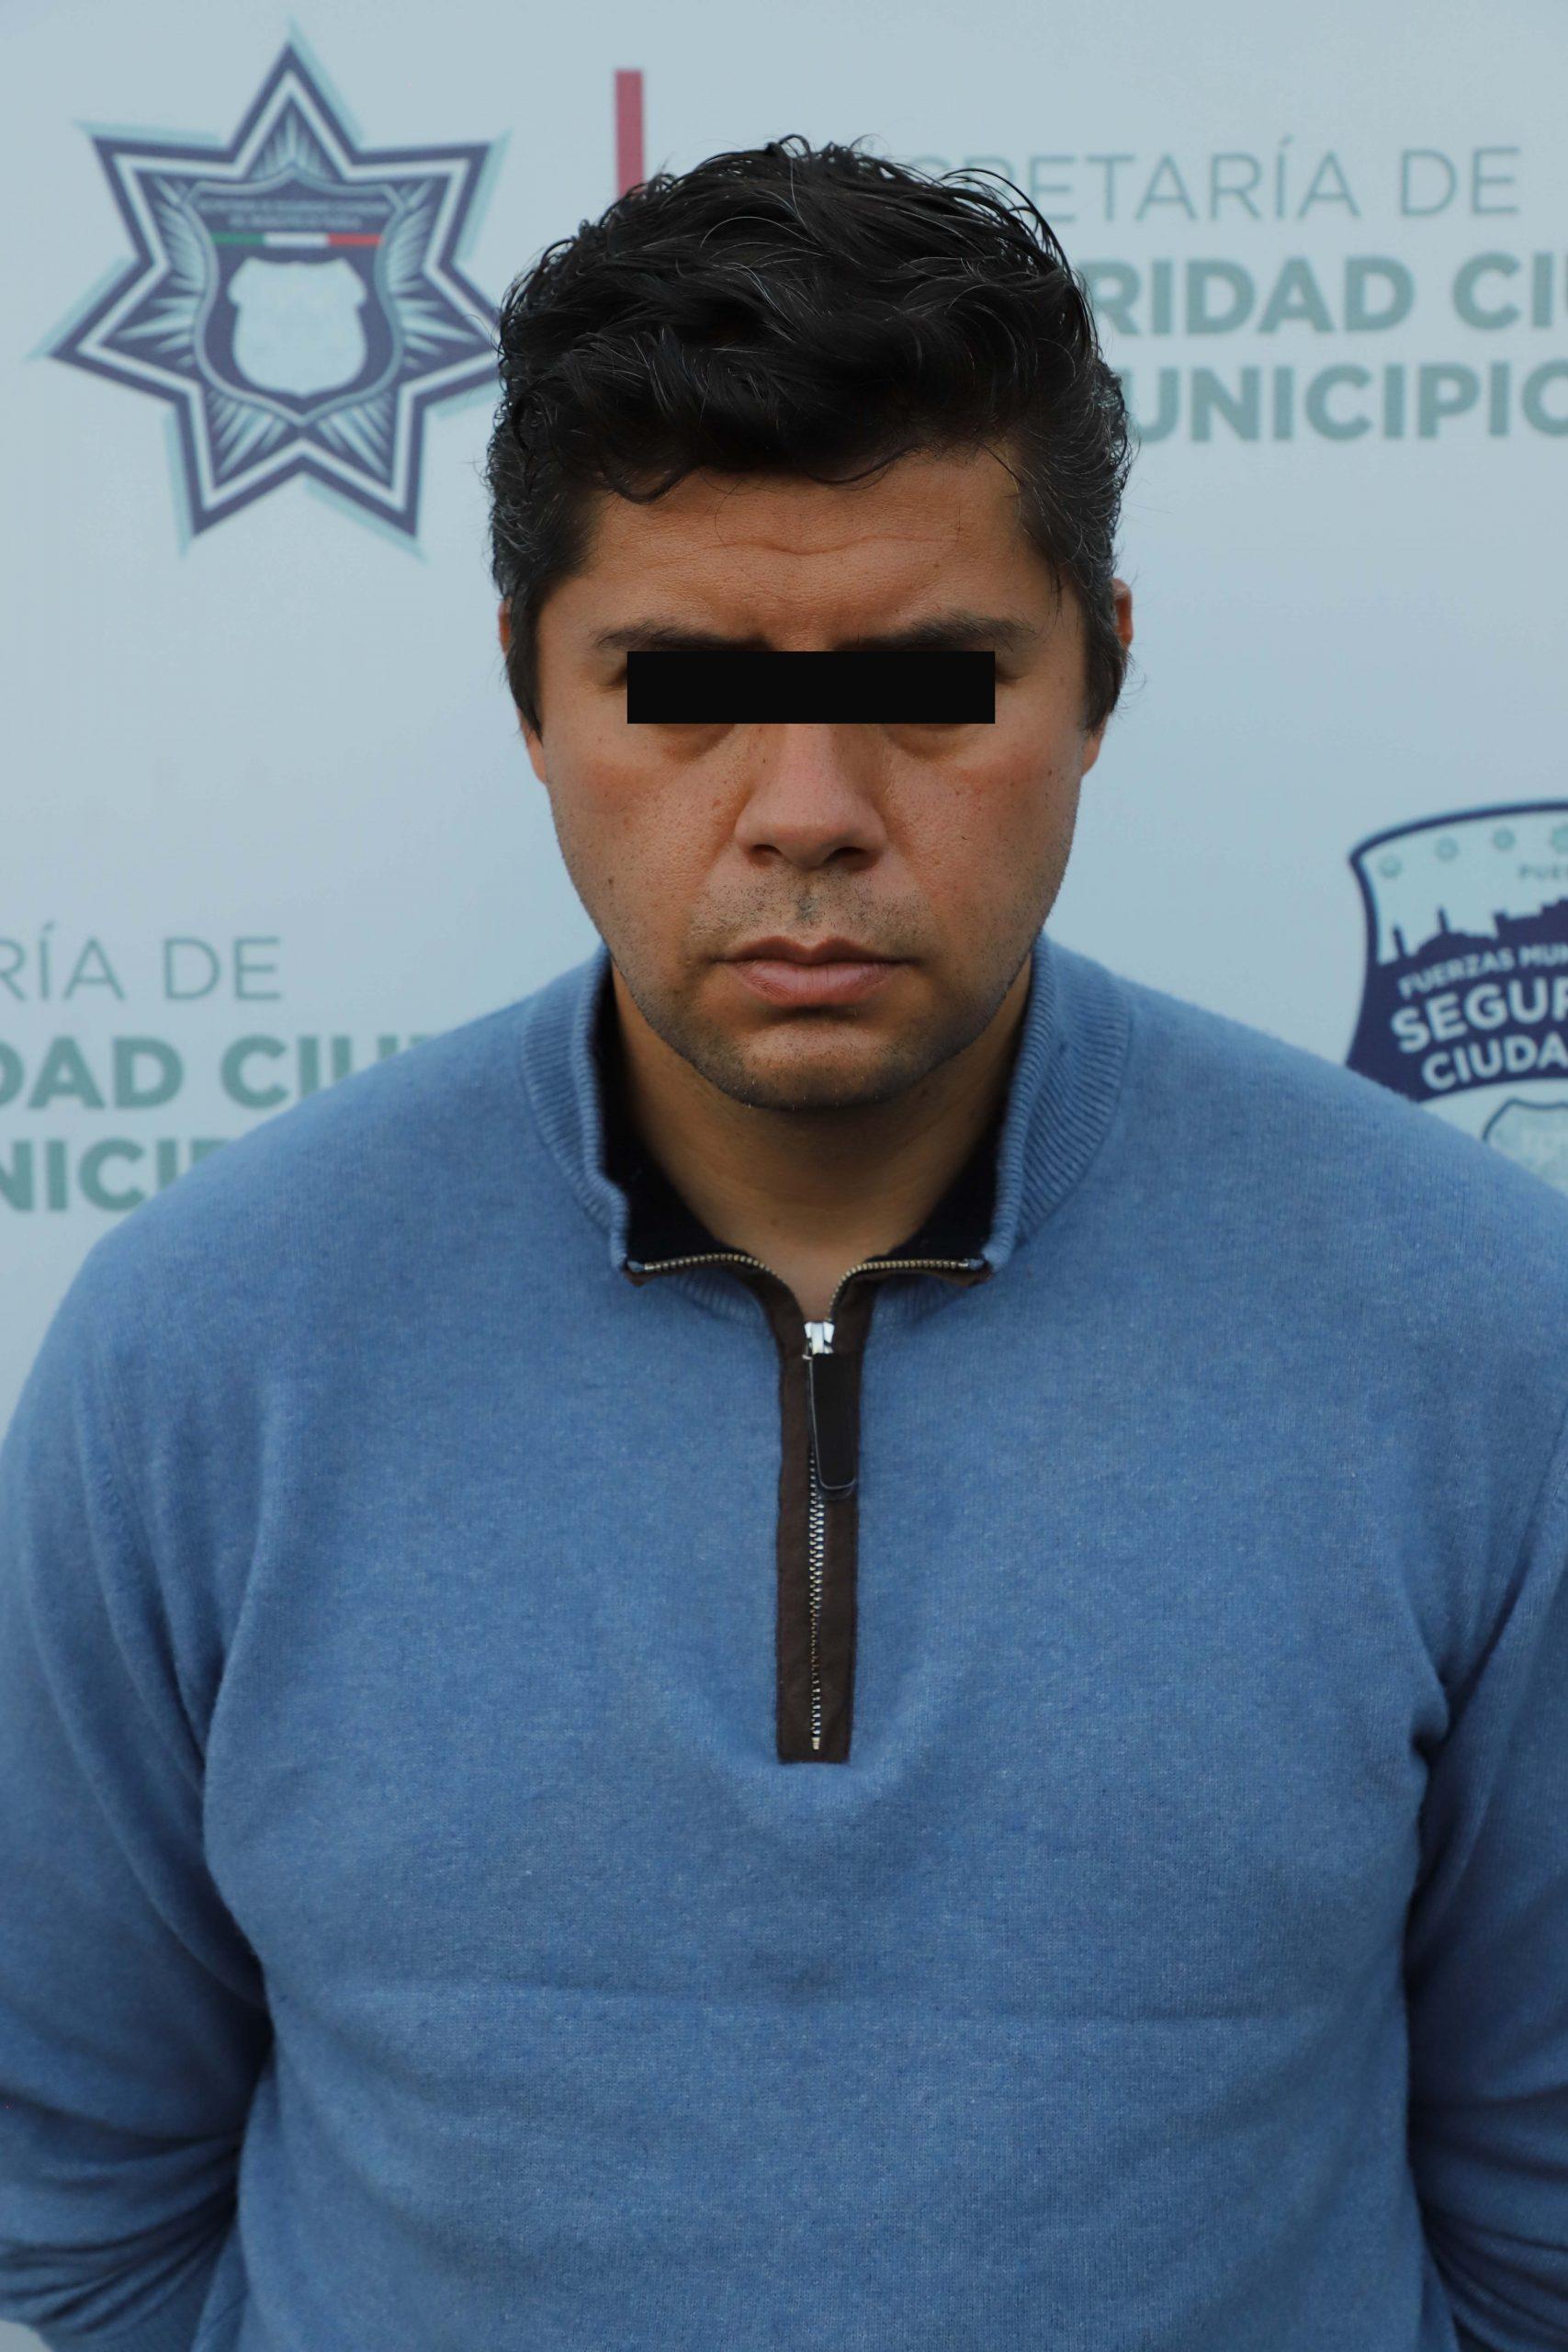 Oportunamente, detuvo grupo rocas de la policía municipal de Puebla a tres hombres por portación ilegal de arma de fuego.